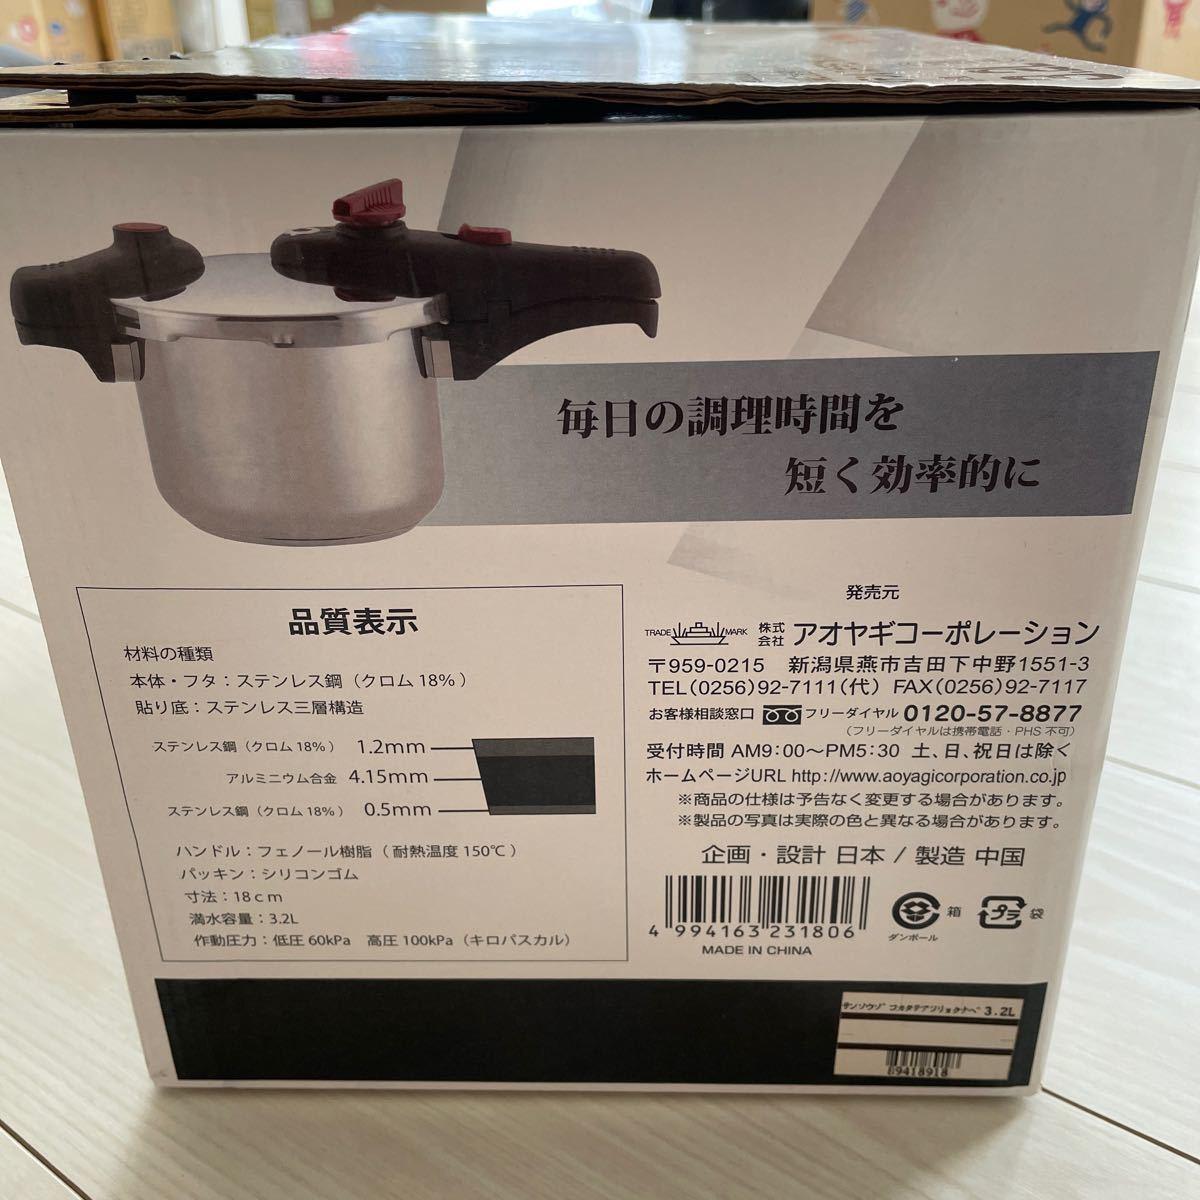 IH対応 圧力鍋 ステンレス製